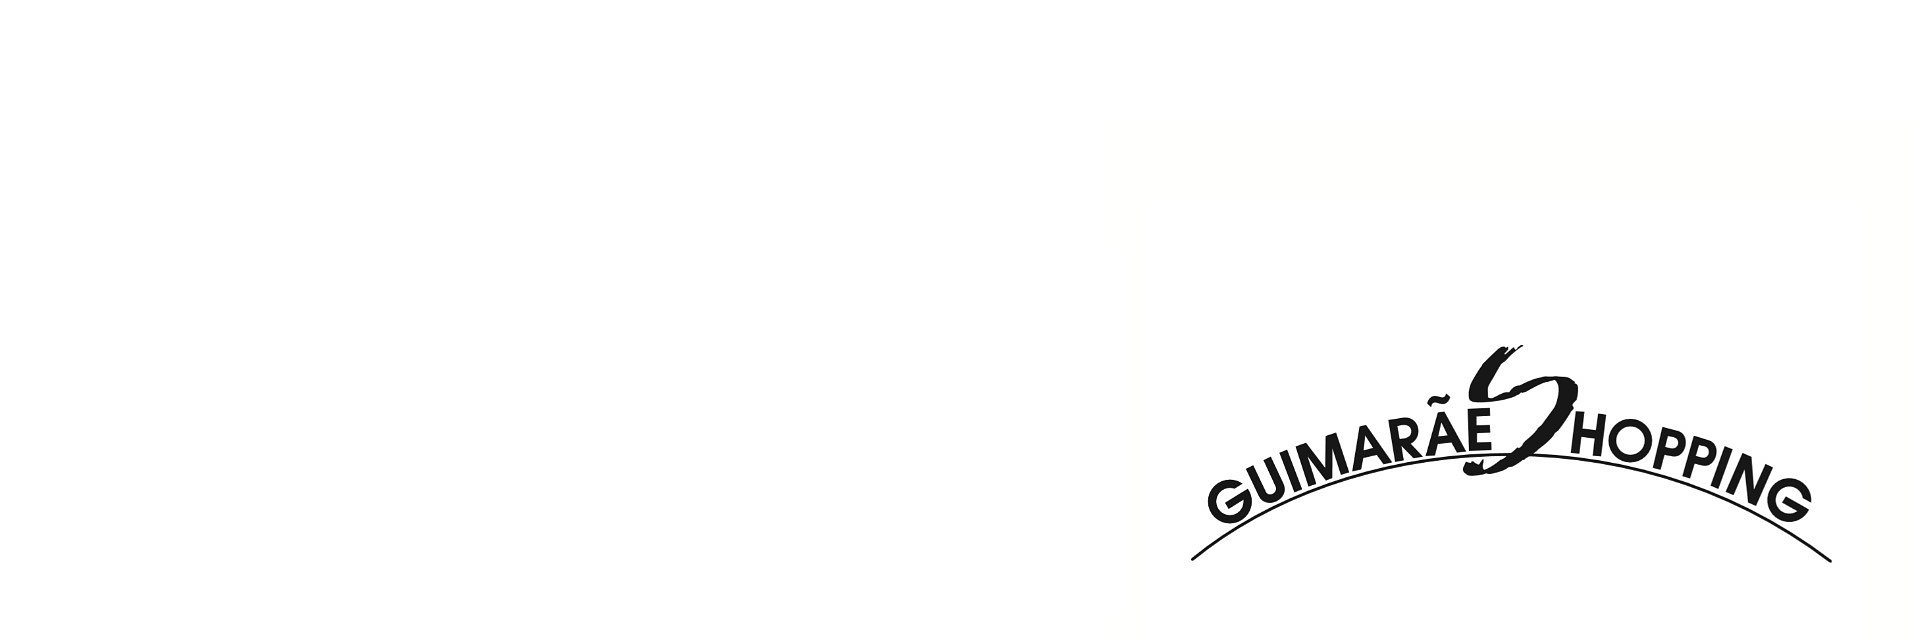 GuimarãeShopping implementou medidas adicionais para garantir segurança de visitantes, lojistas, prestadores de serviços e colaboradores